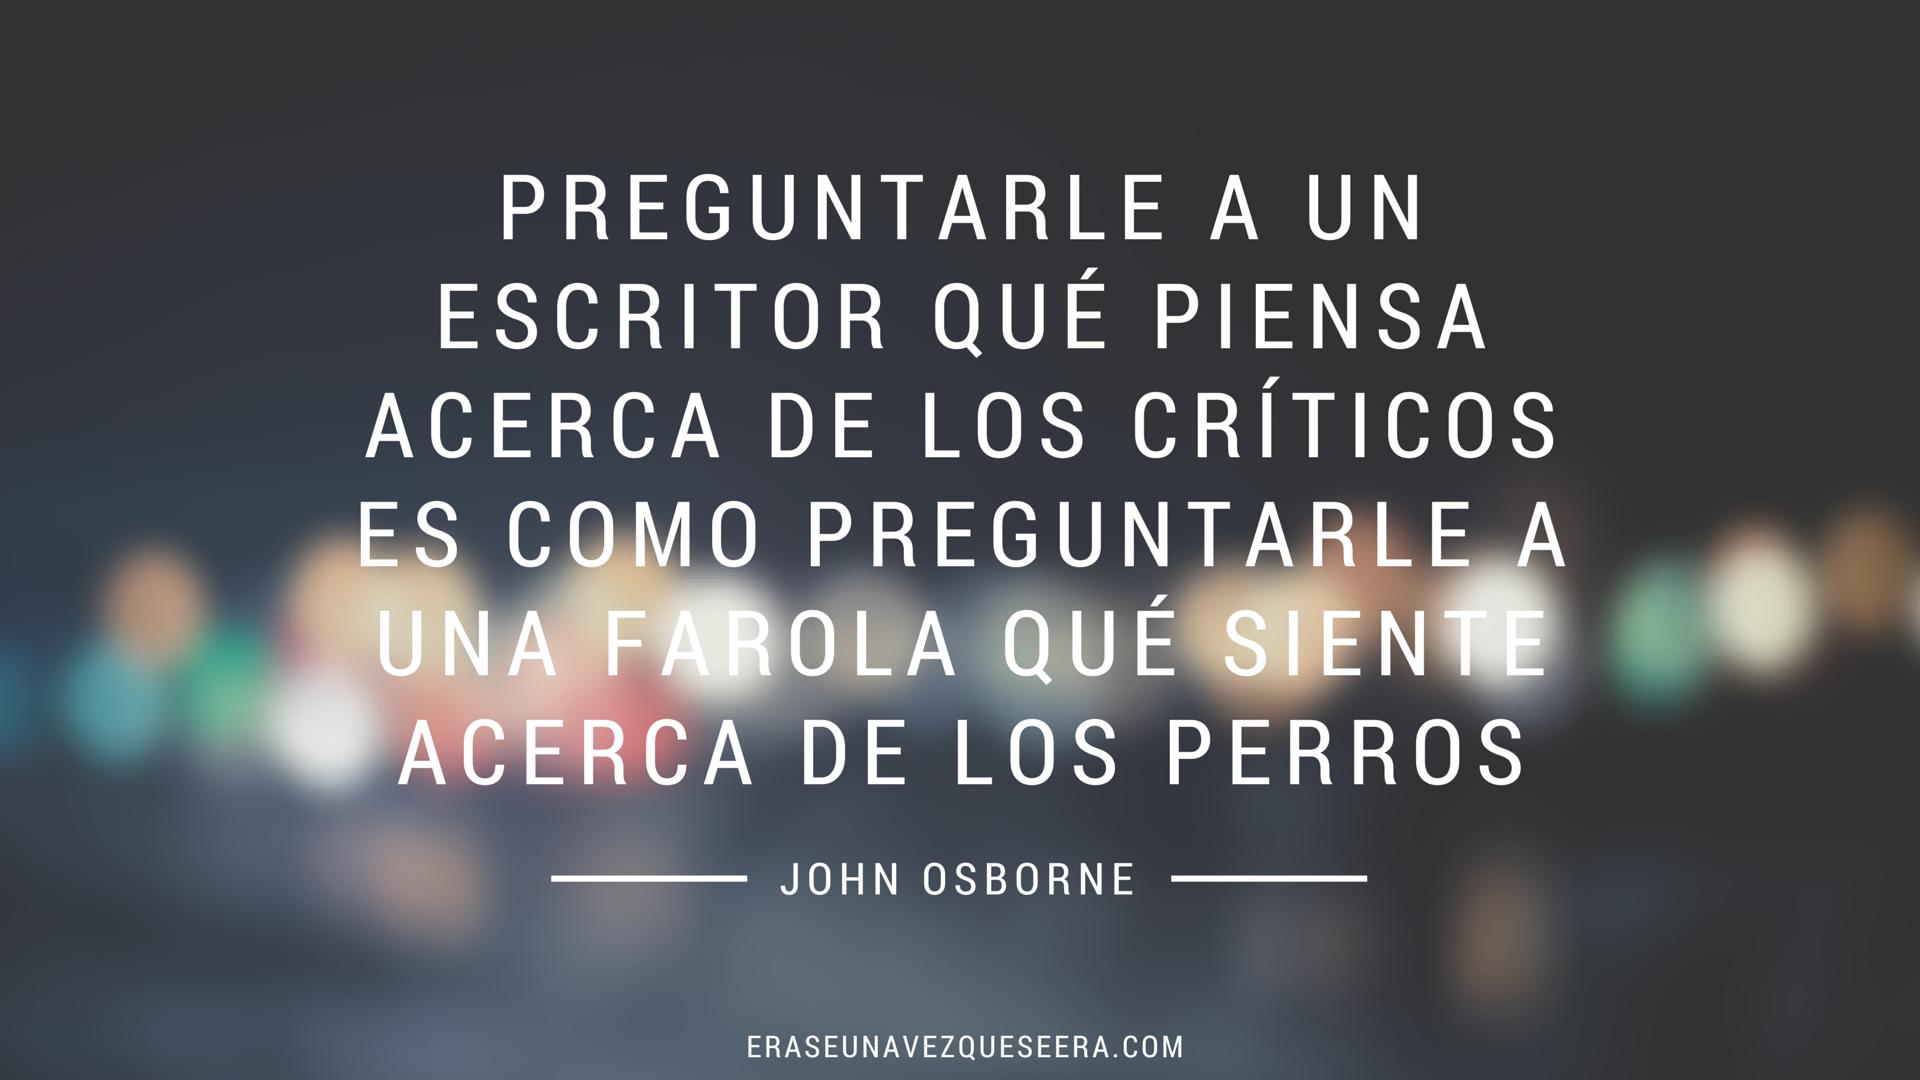 Cita sobre la crítica literaria de John Osborne